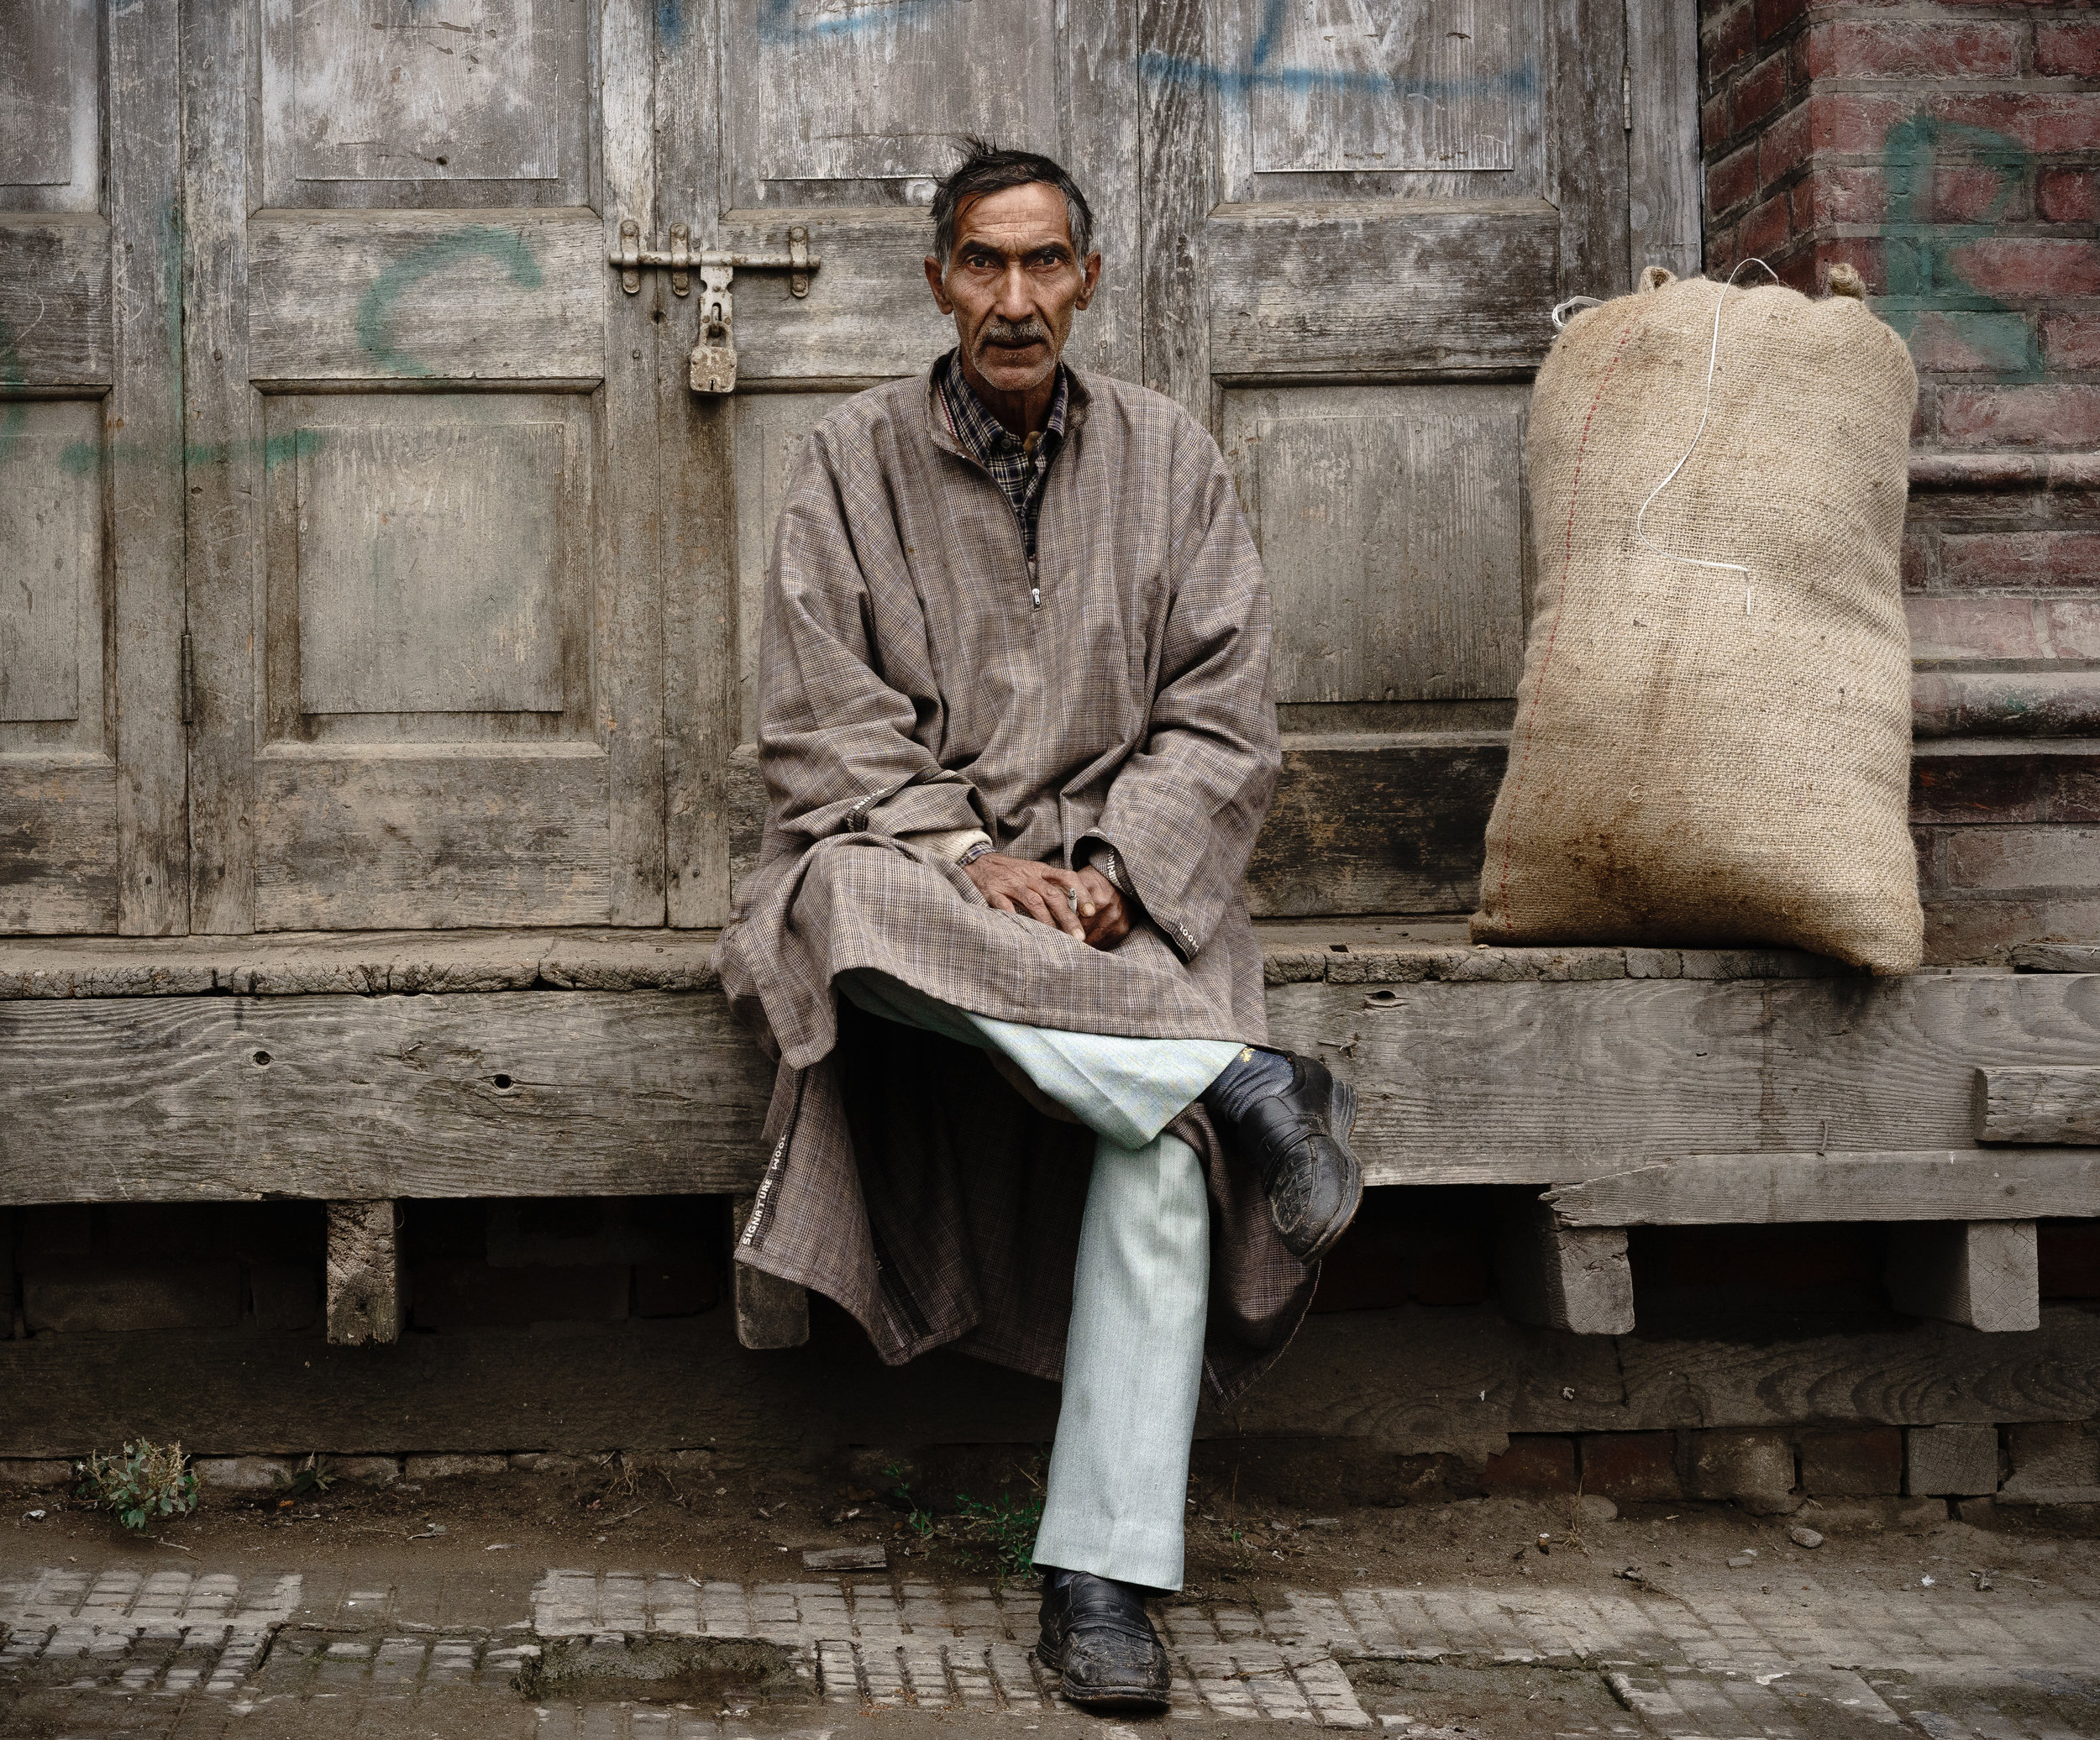 A man sits.